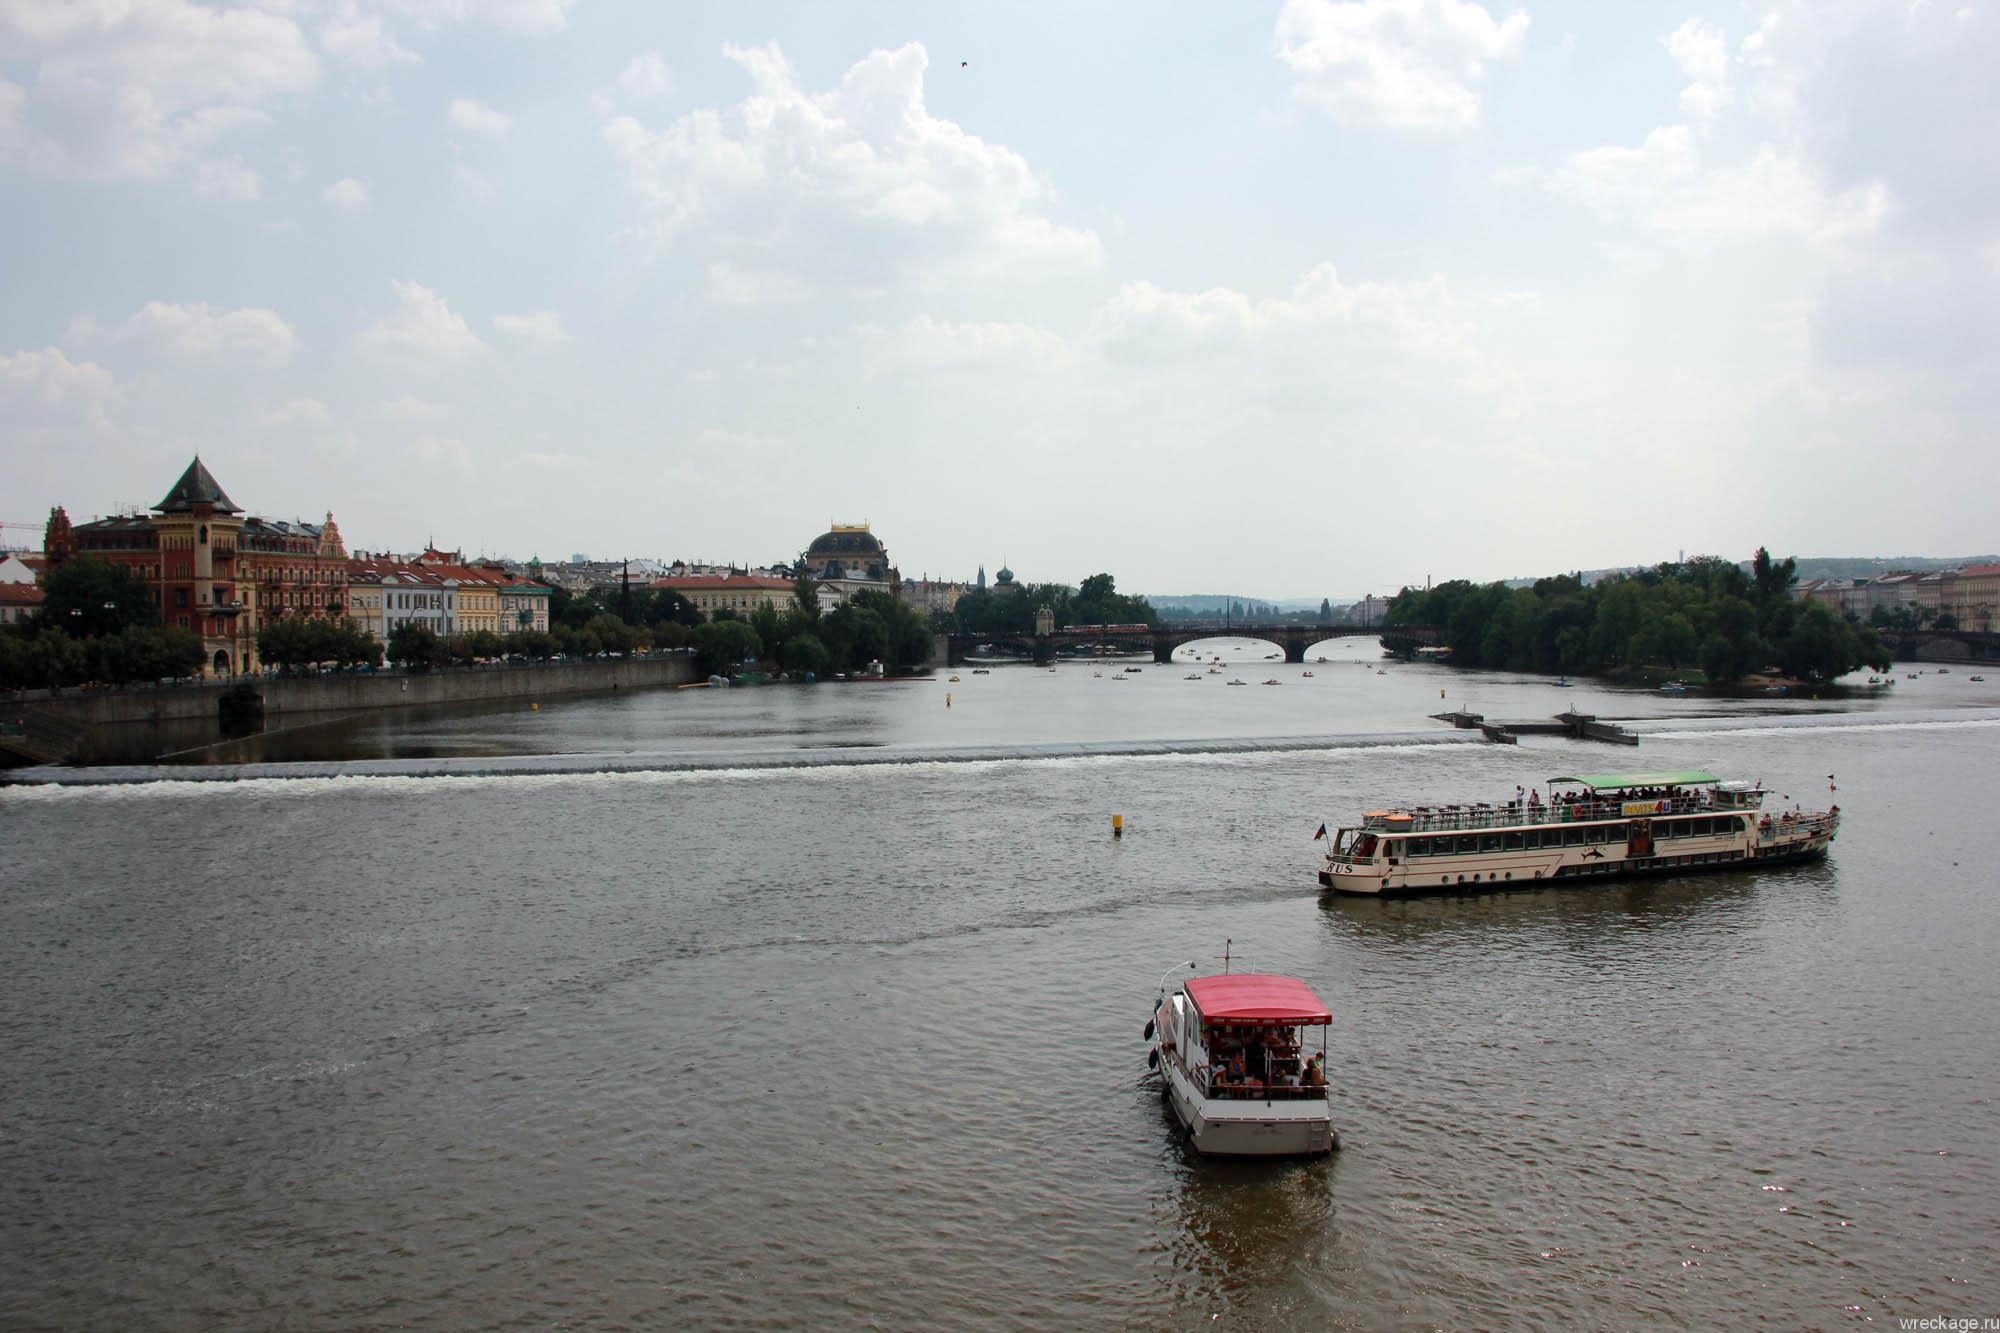 Едем в Прагу из Германии